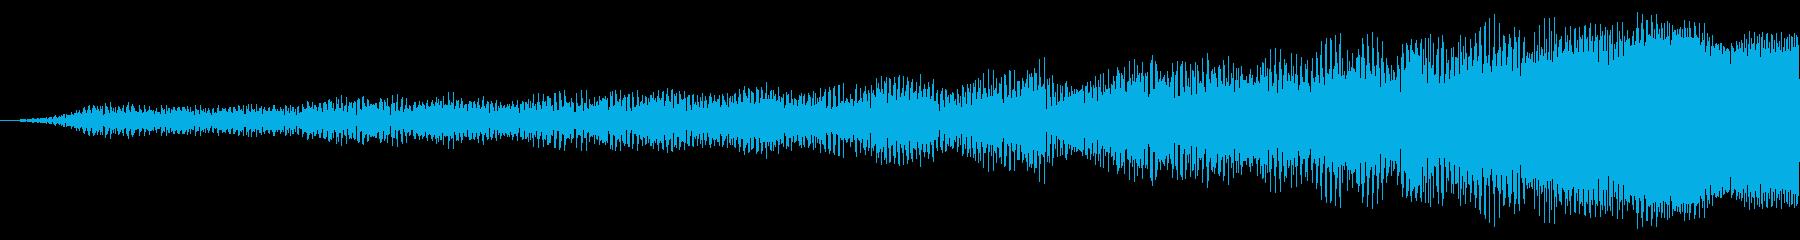 スロードラマティックシンセトーンライザーの再生済みの波形